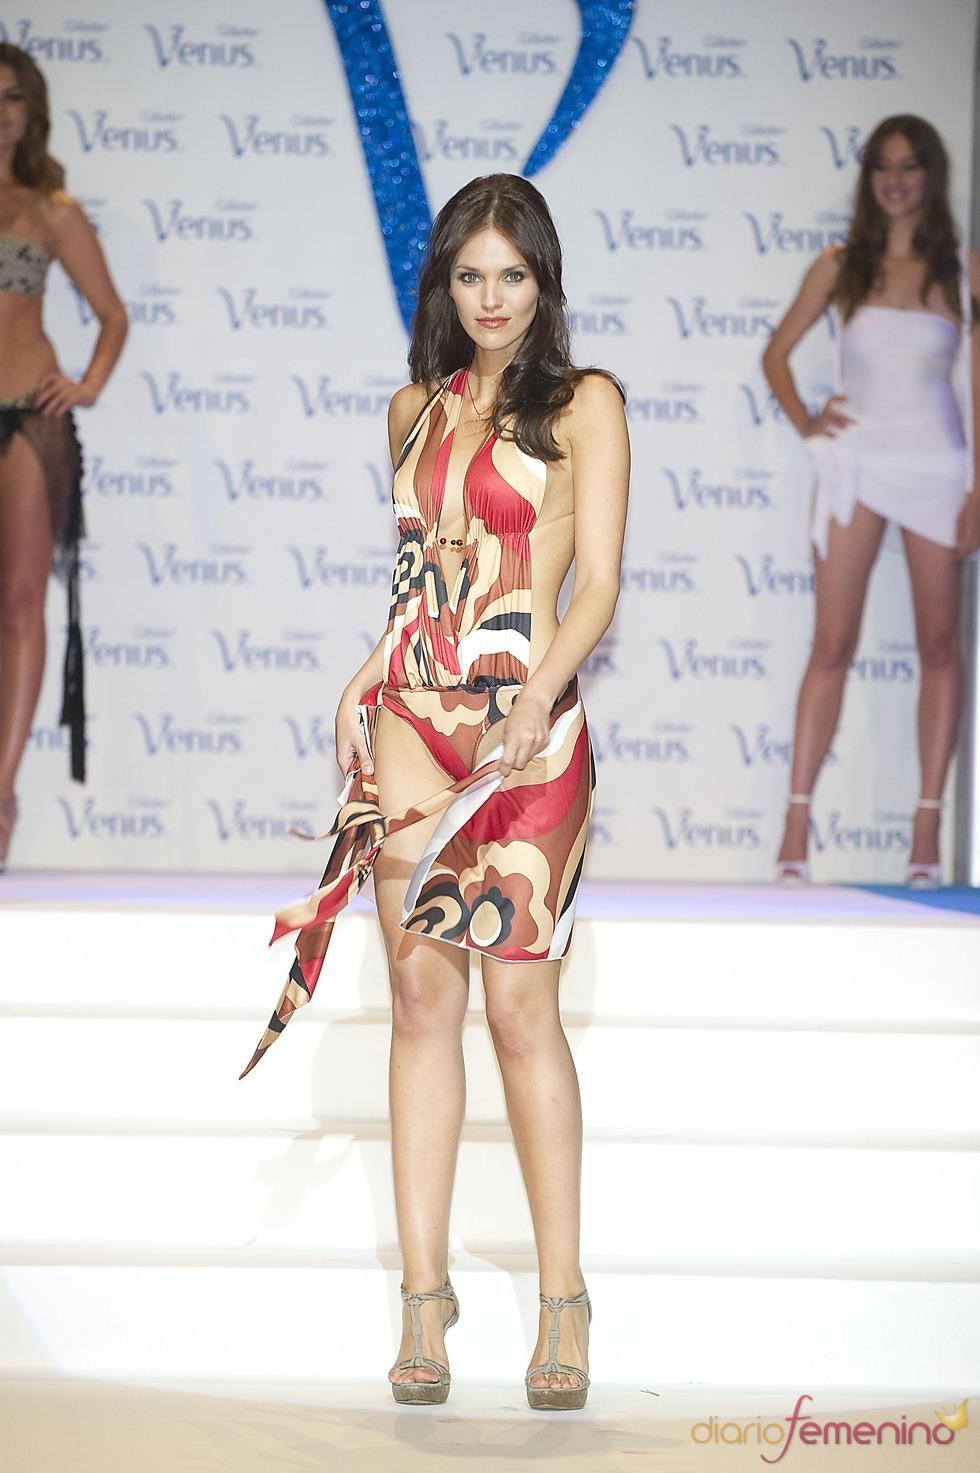 Helen Lindes desfila en la pasarela de los Premios Venus de Diseño 2011